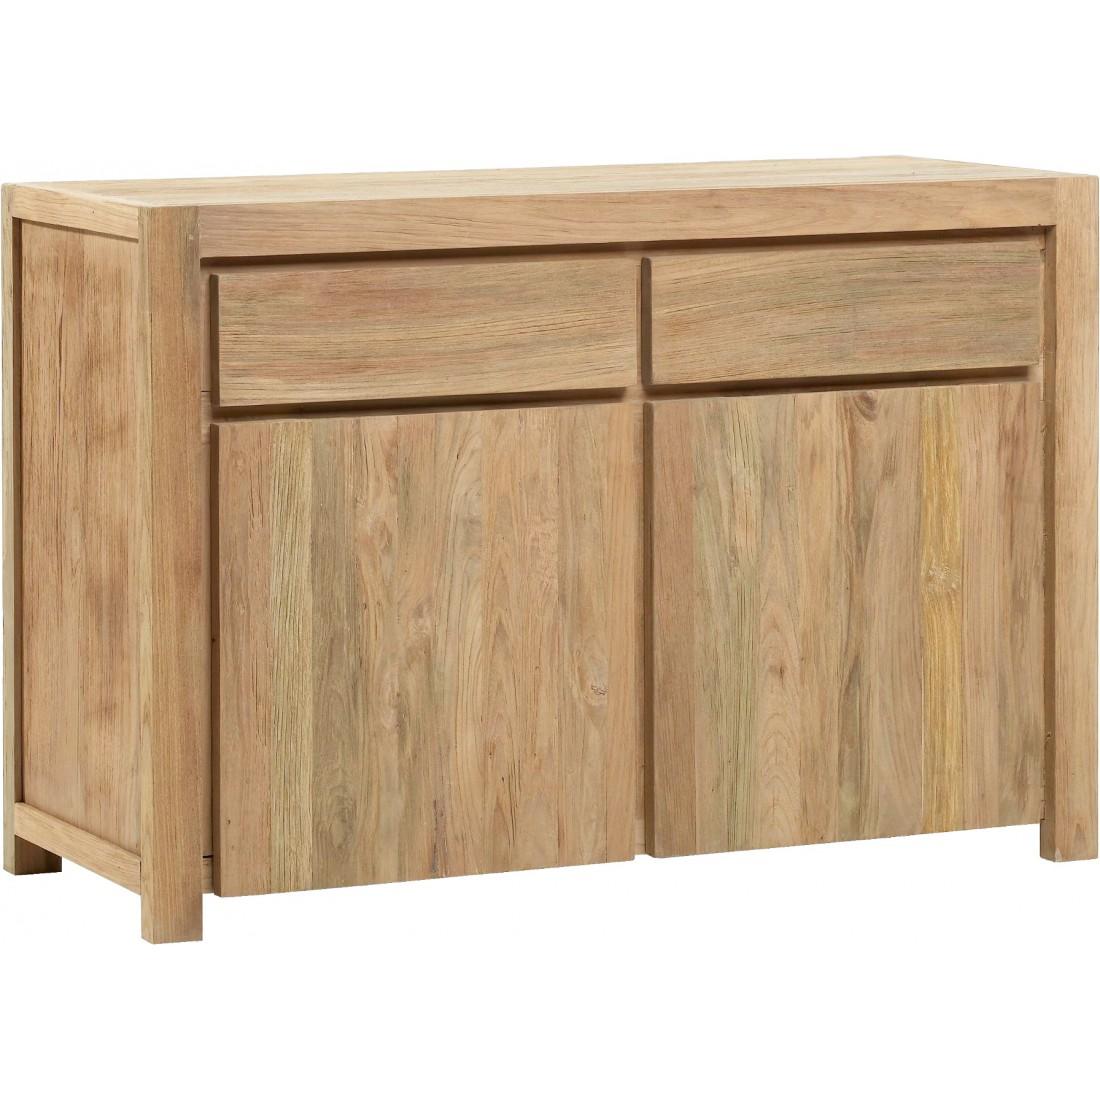 buffet en teck recycl bross drift 2 portes 2 tiroirs uk. Black Bedroom Furniture Sets. Home Design Ideas